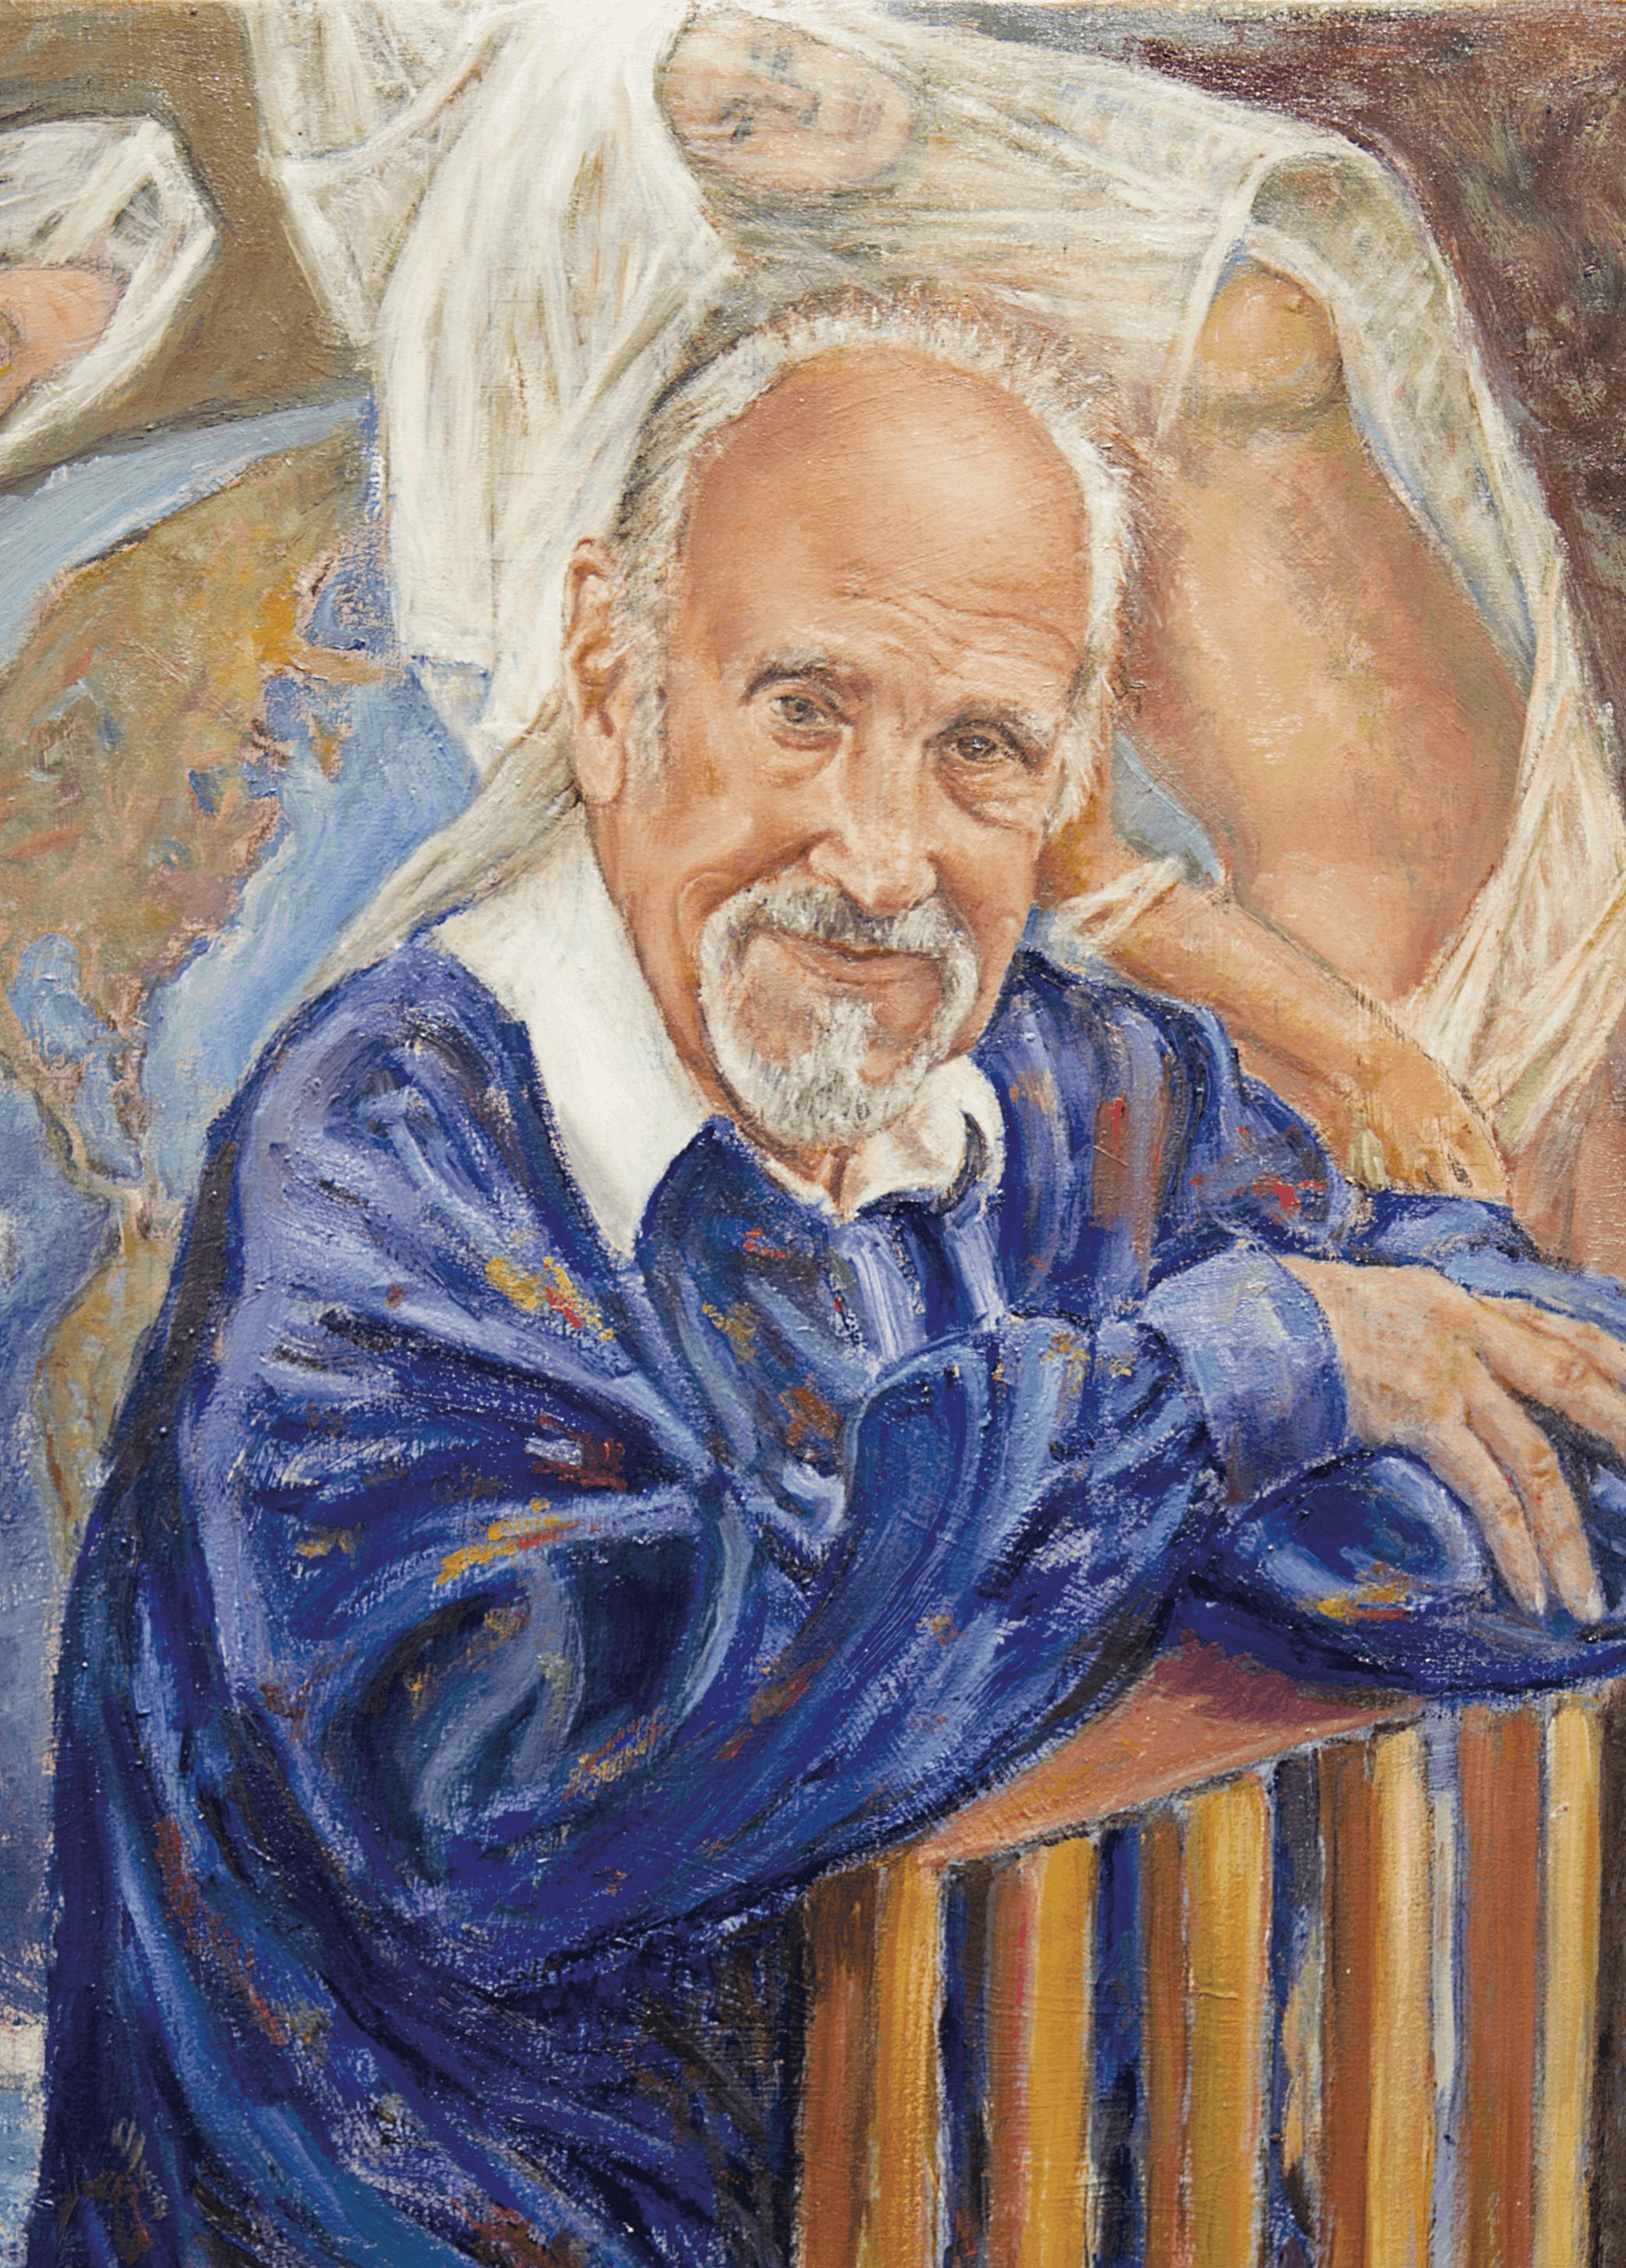 Autorretrato de Rico López, 2012.